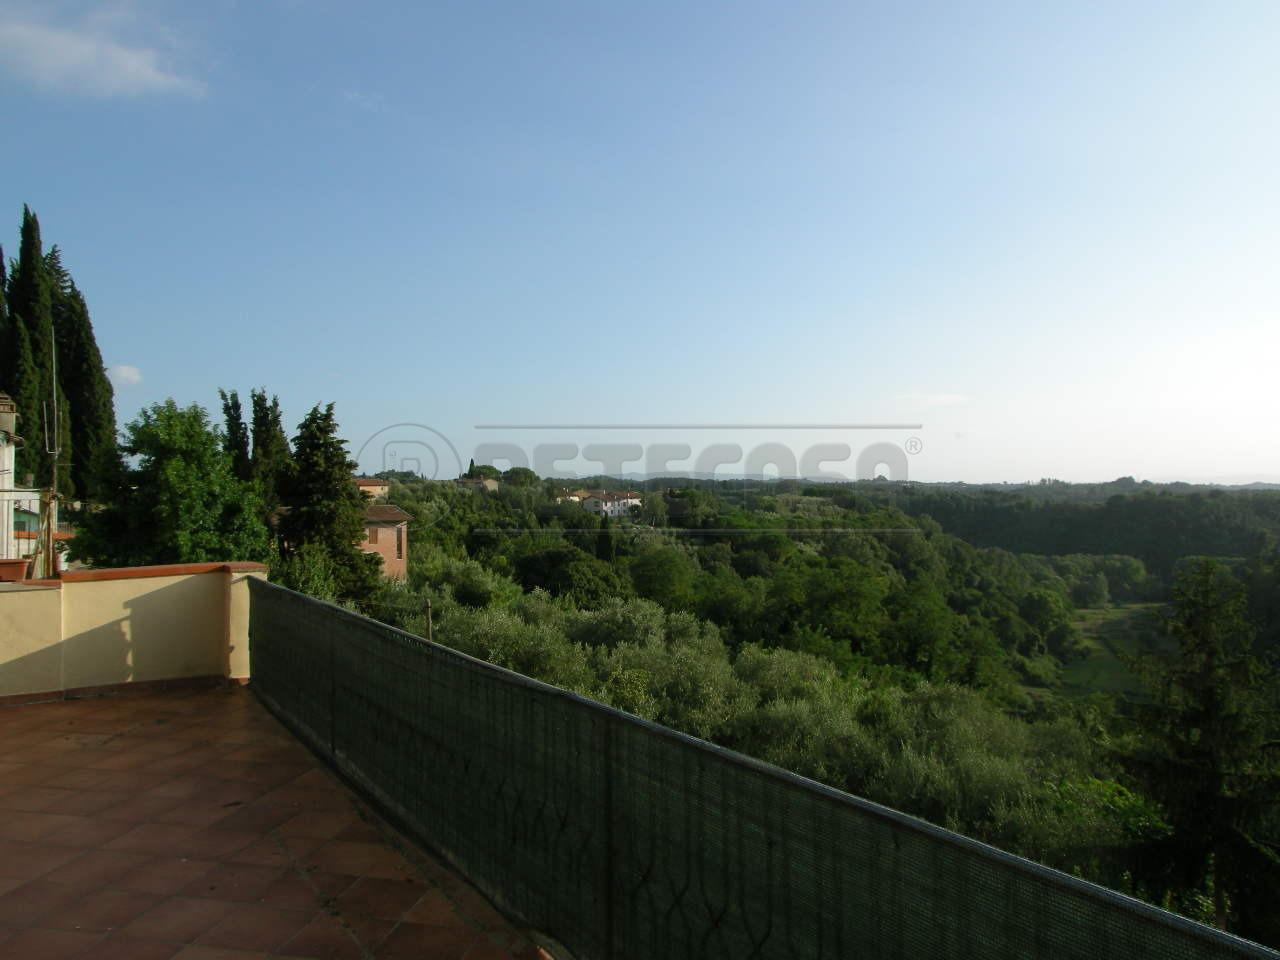 Semindipendente - Terratetto a Marti, Montopoli in Val d'Arno